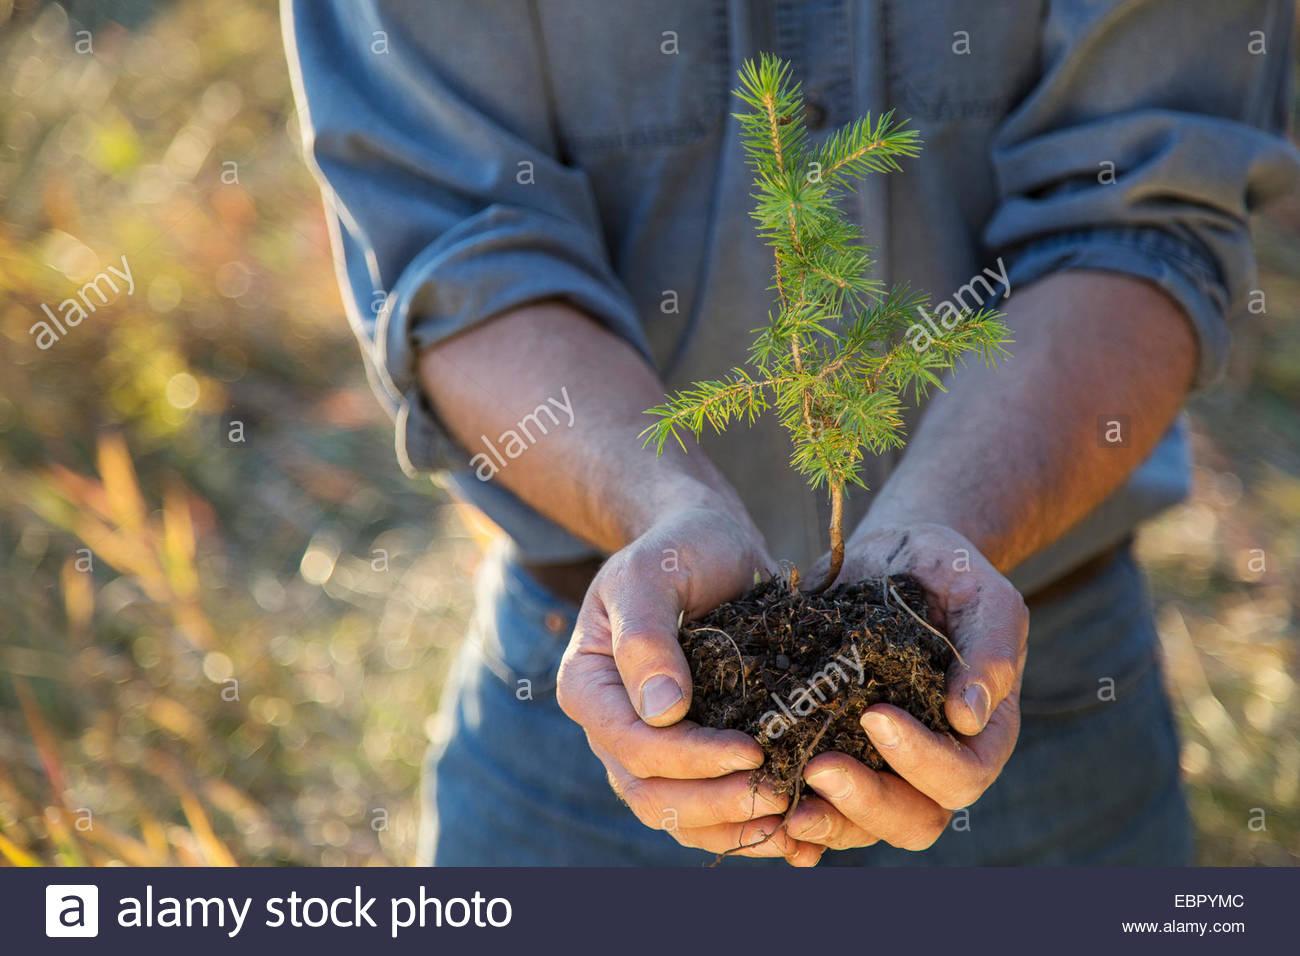 Mann Schröpfen Baum Bäumchen Stockbild